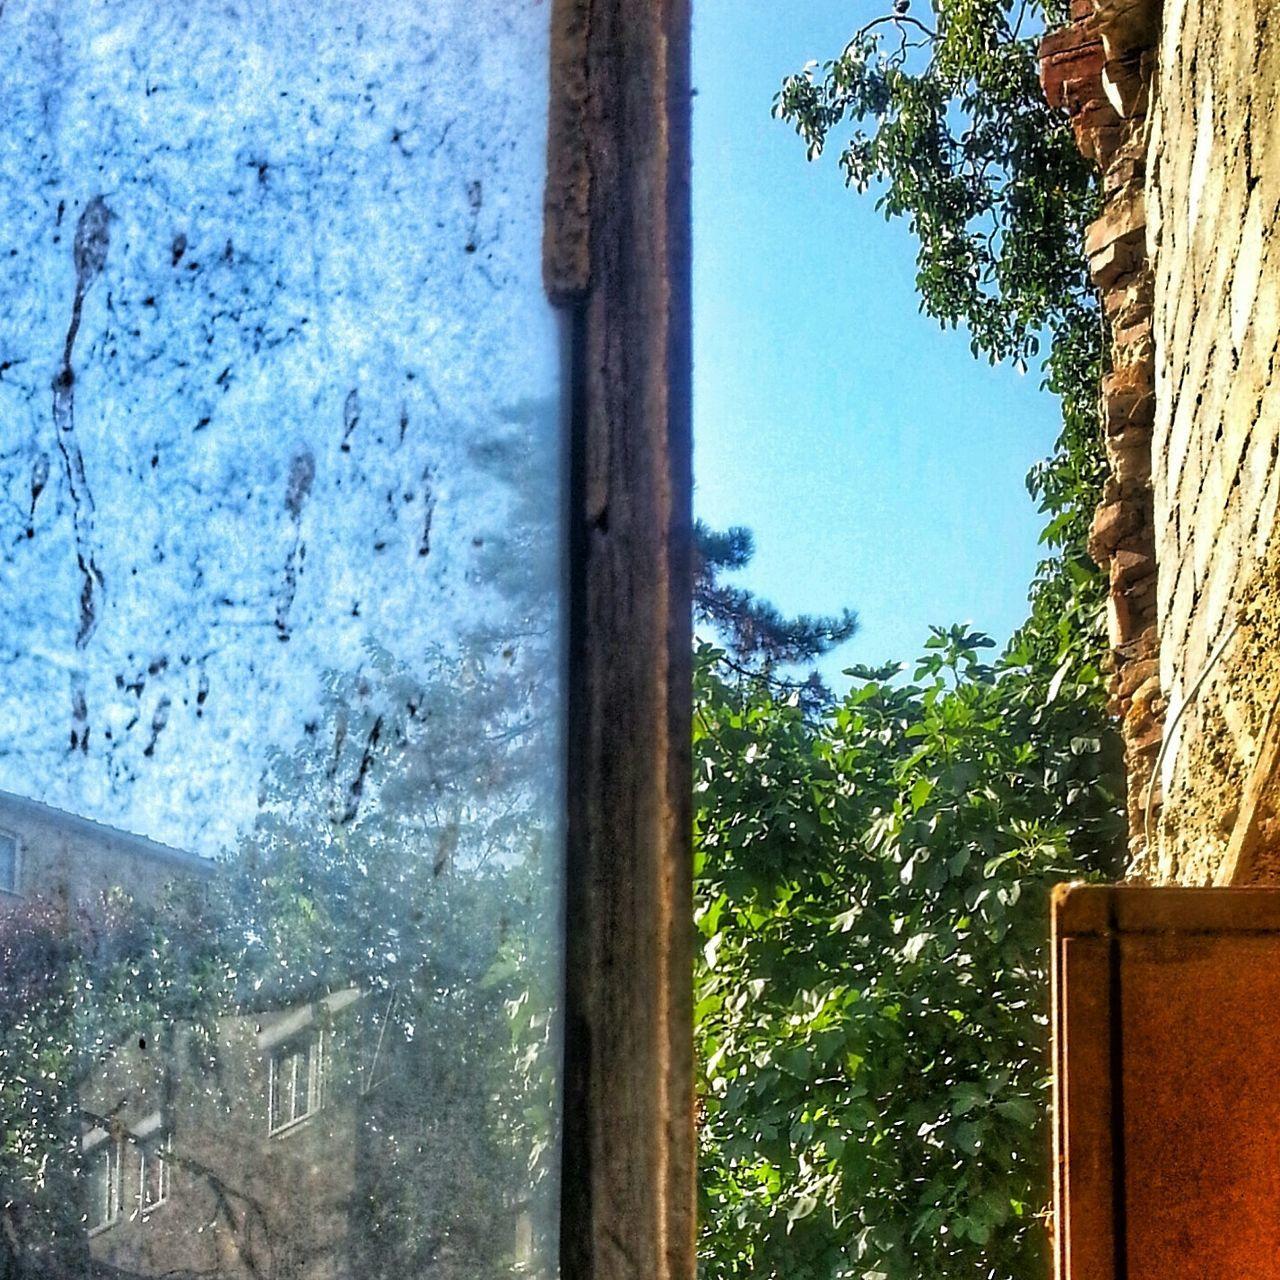 Pencere Gokyuzu Kirli Temiz Window Sky Dirty Window Lifeisbeautiful